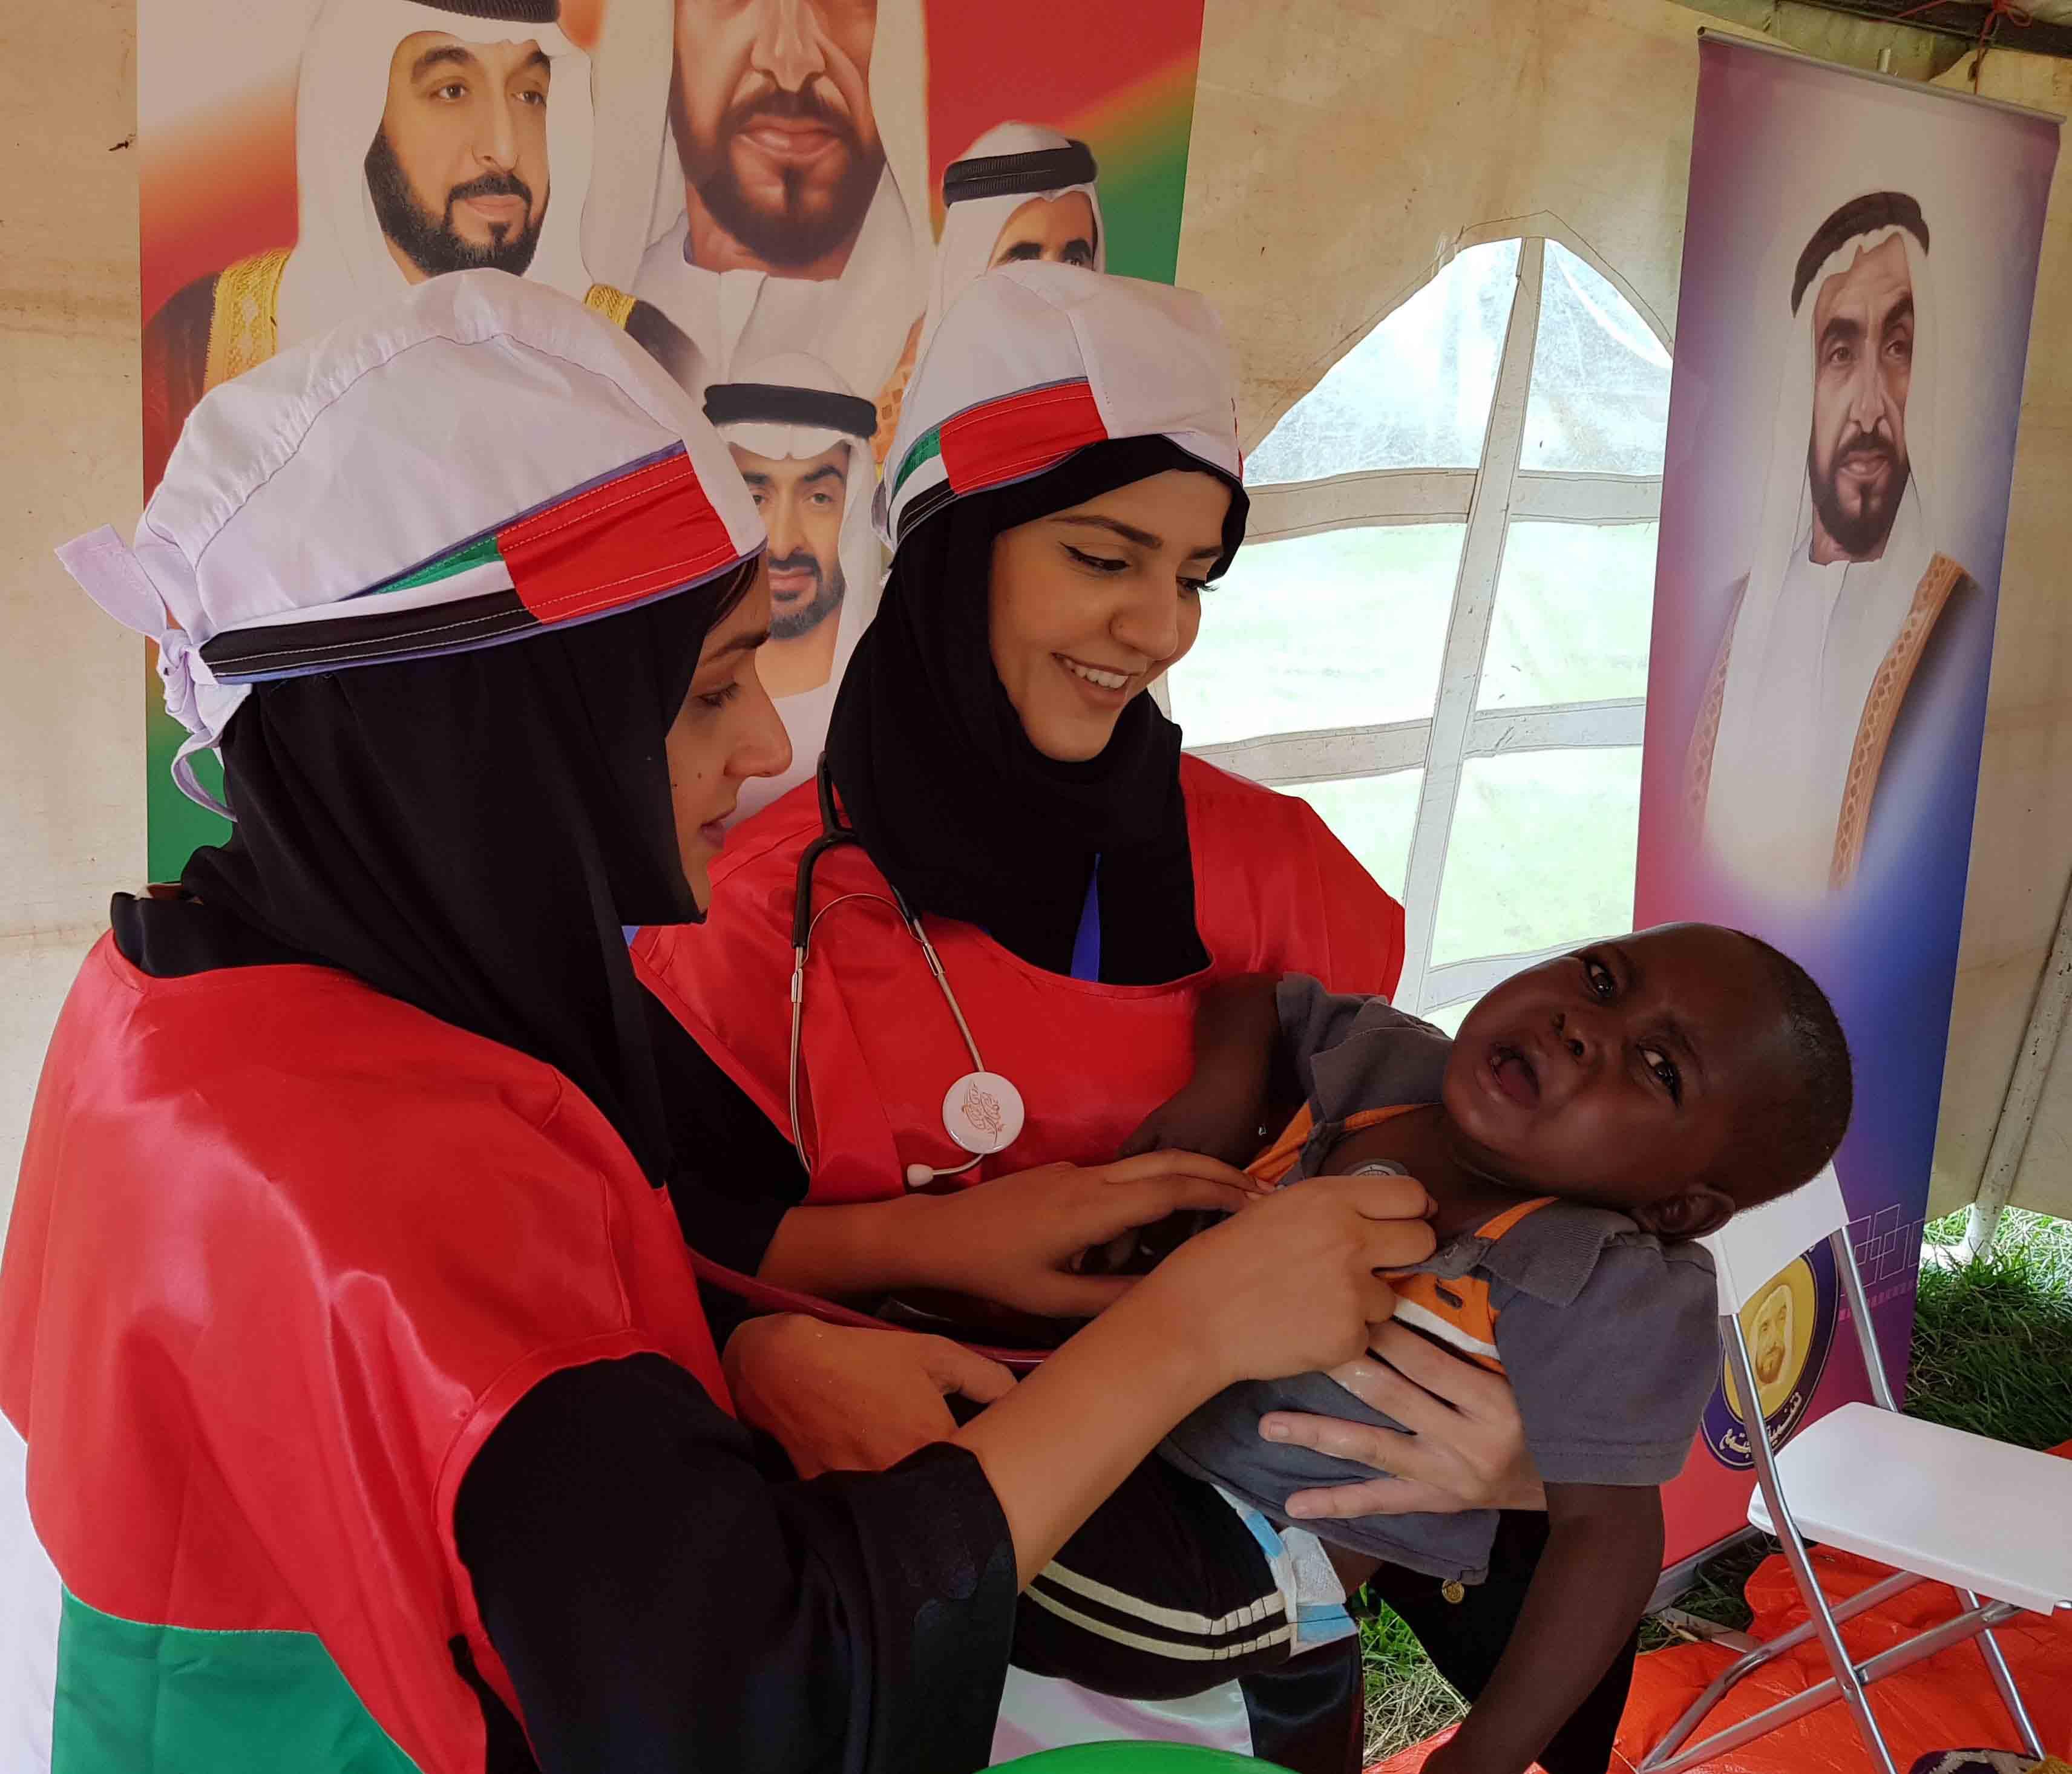 اطباء الامارات يطلقون حملة مليون ساعة عطاء محليا وعالميا 1